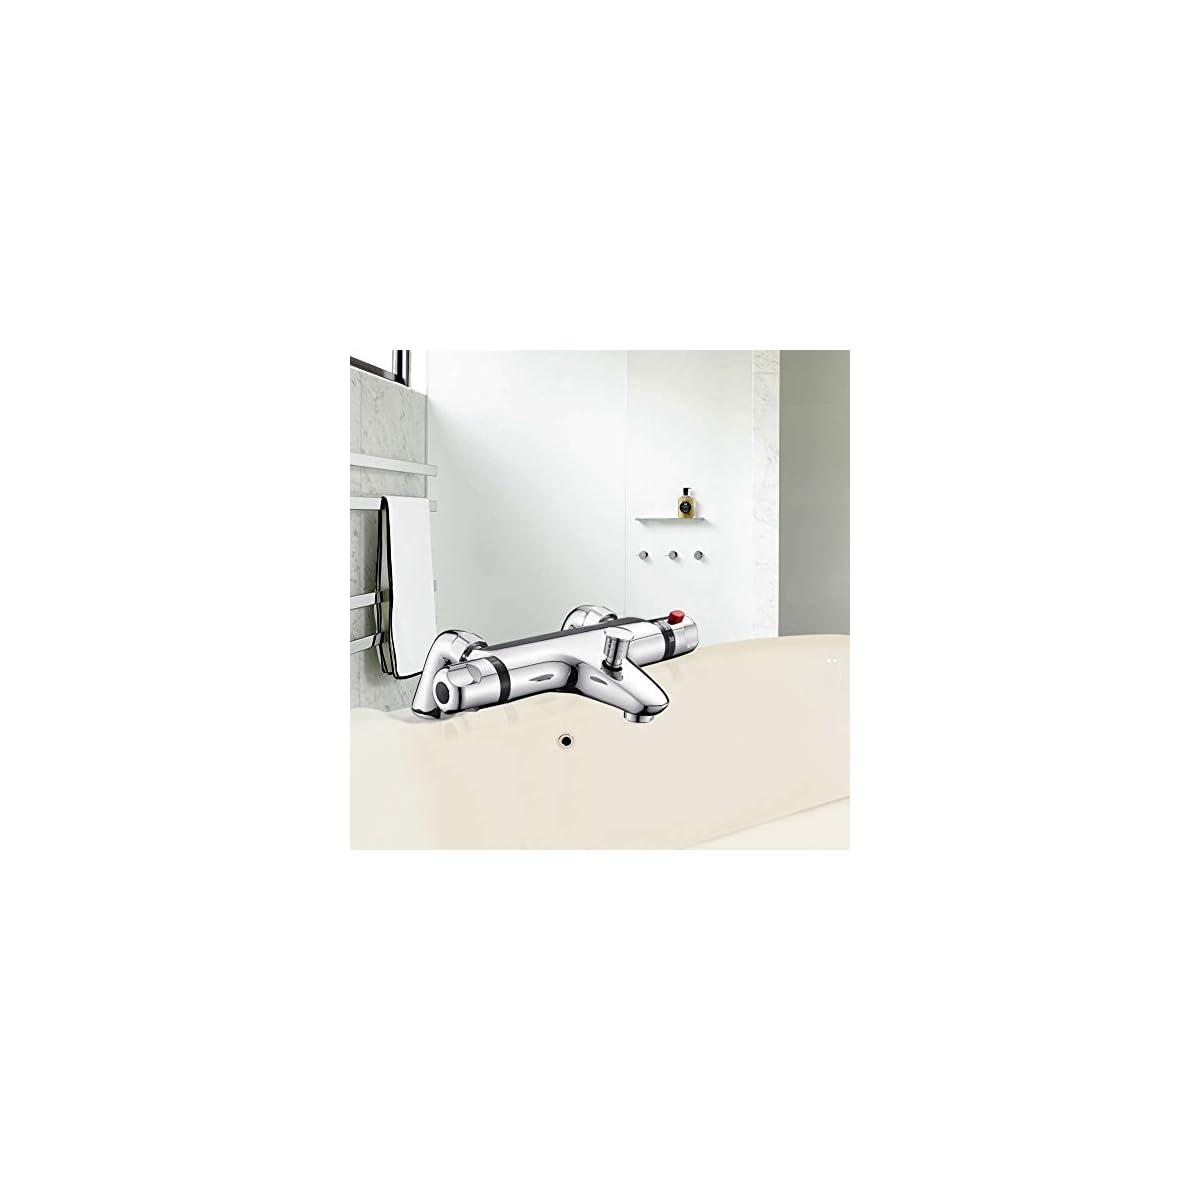 41Y9XMmioXL. SS1200  - Grifo Bañera MOCHUAN Grifo Ducha Temperatura 38°C Control Flujo del Agua Ajustables Termostato de Ducha Válvula Inteligente Grifos de ducha y bañeras Cromado 20-50℃ (Bathtub Style)